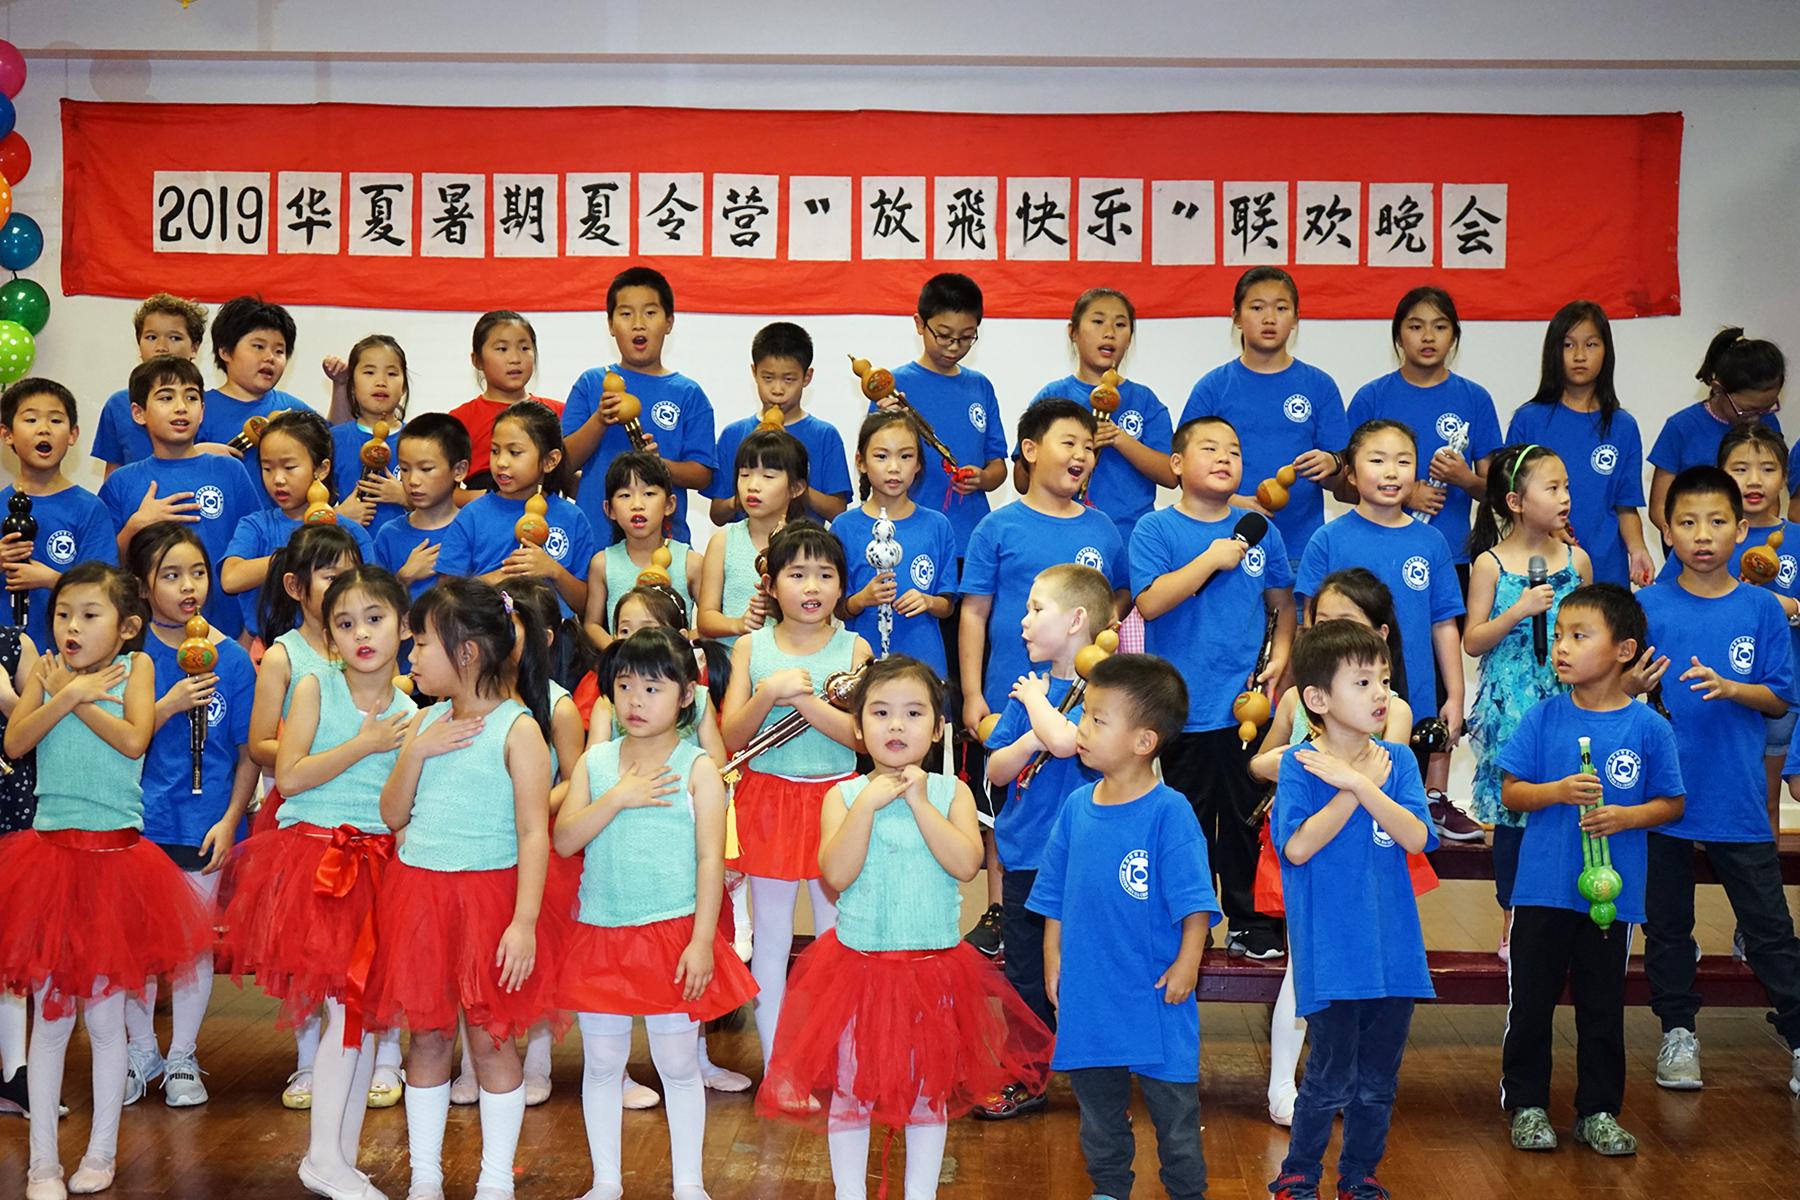 華夏夏令營的全體師生大合唱《老家在中國》。(記者賈忠/攝影)